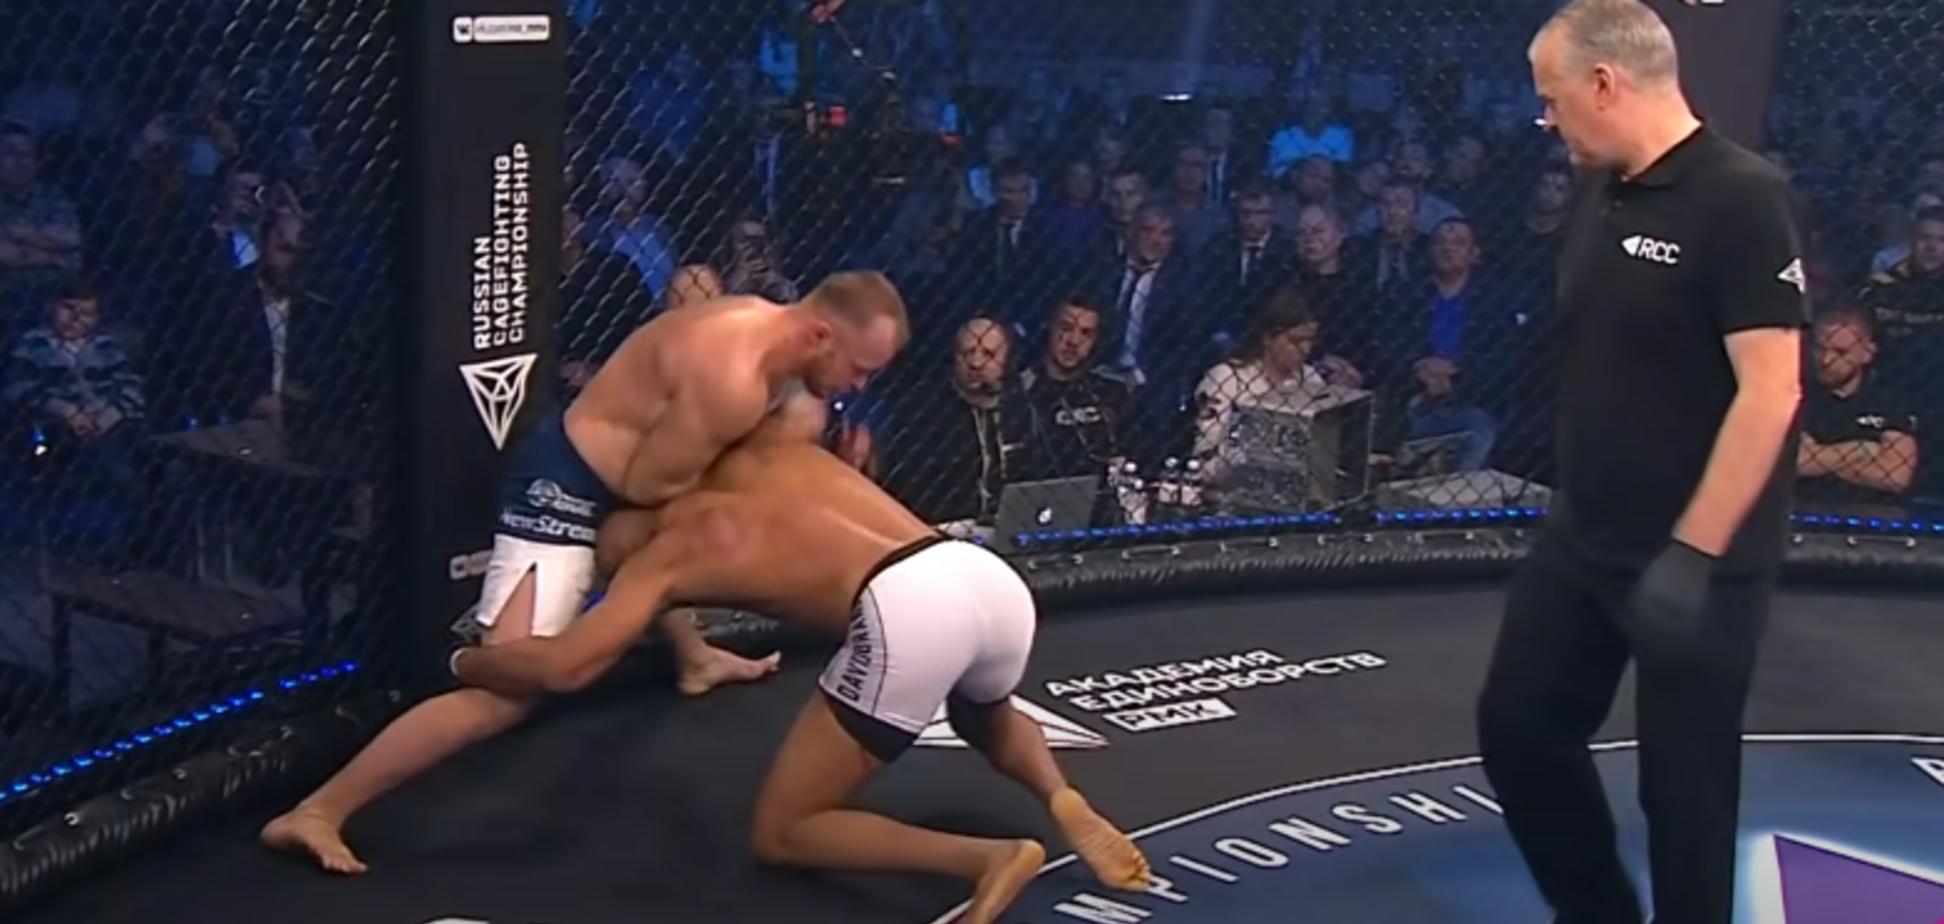 Россиянин Шлеменко победил 'гильотиной' бывшего бойца UFC